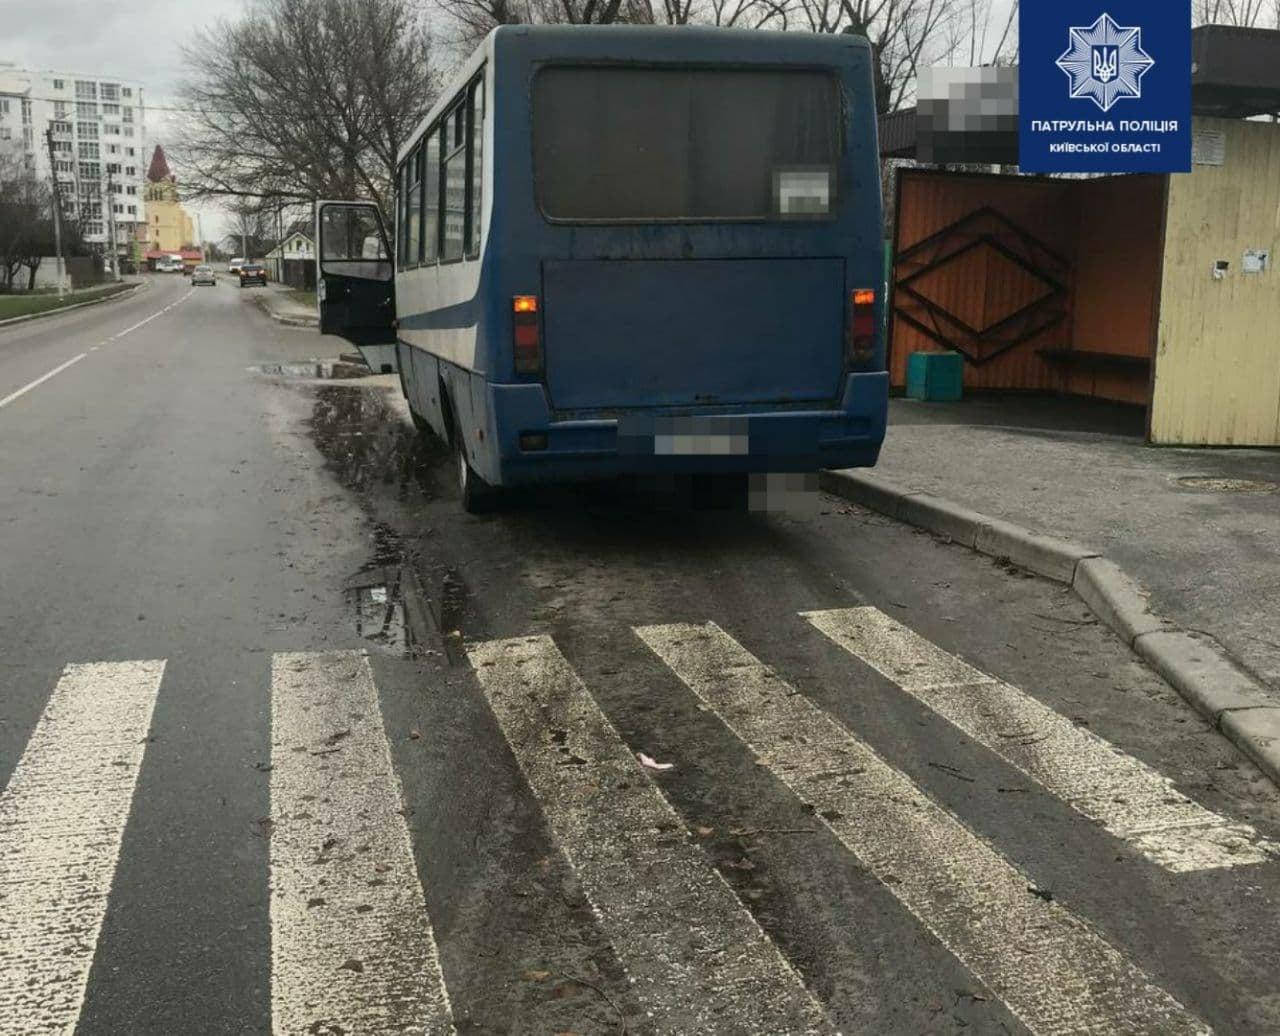 У Борисполі школярку збив автобус - Поліція, пішохідний перехід - 143112107 2002787846561465 2856975291044271894 o